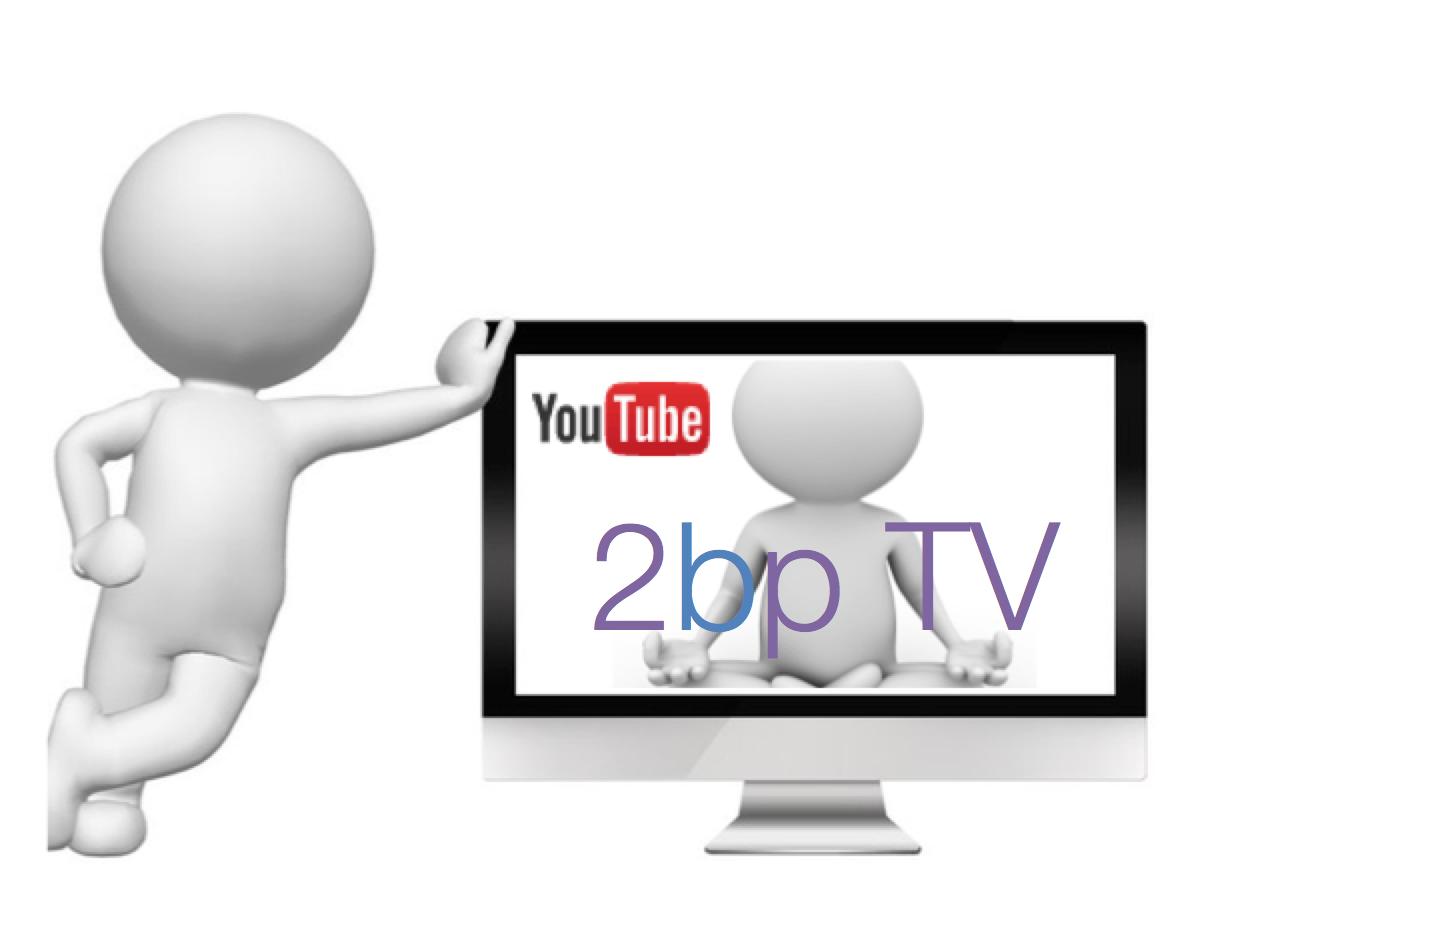 2bpTV